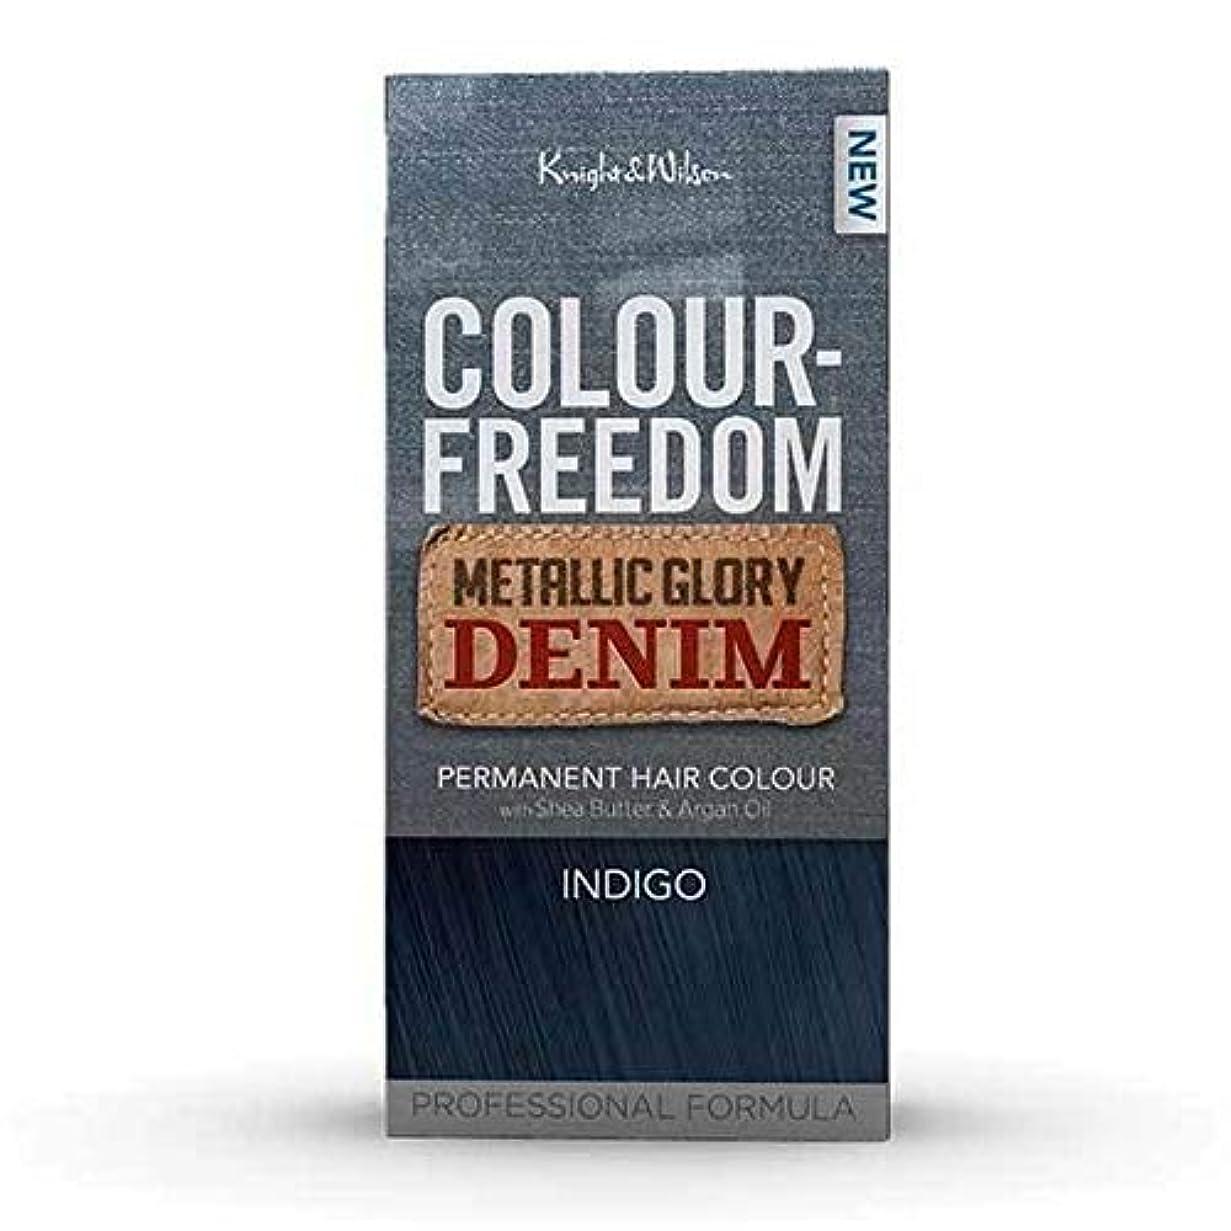 放射性代理店足音[Colour Freedom ] カラー自由メタリック栄光デニムインディゴ - Colour Freedom Metallic Glory Denim Indigo [並行輸入品]